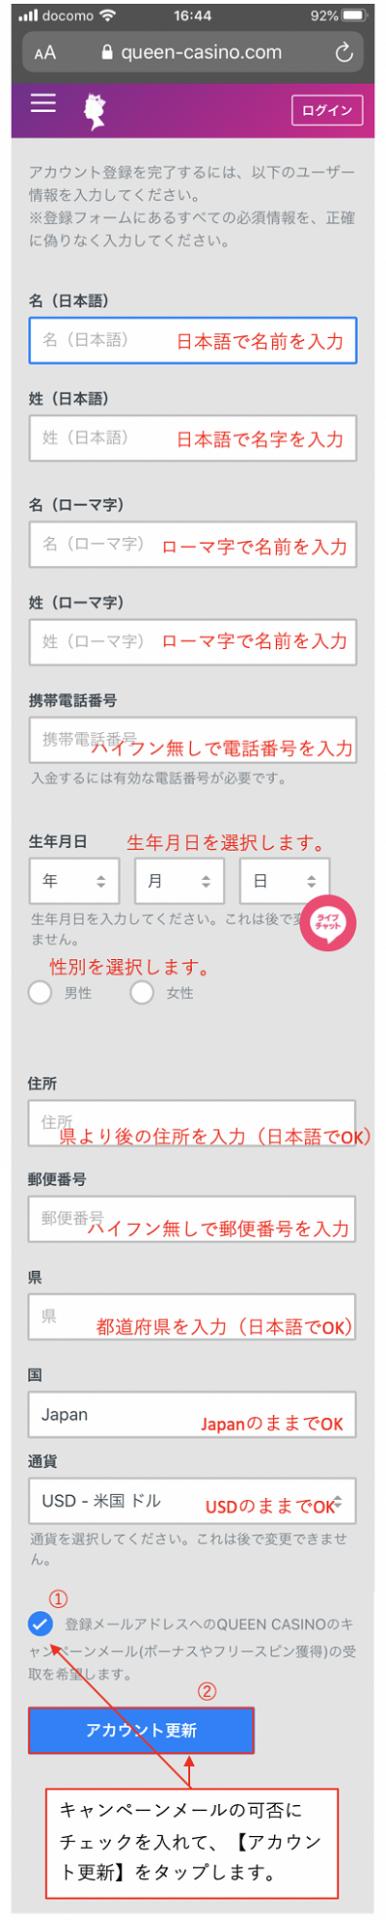 クイーンカジノ(QUEENCASINO)登録方法 スマホ その3